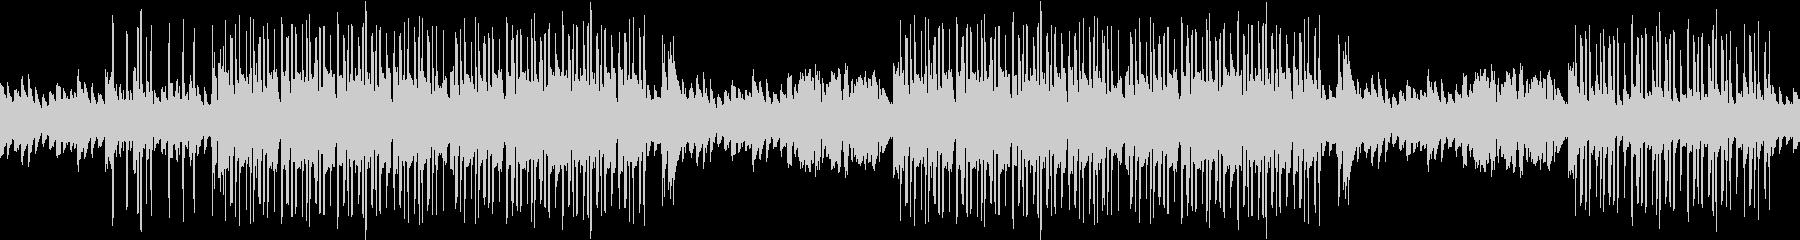 洋館・ホラー・ピアノ・悲しい・ループの未再生の波形